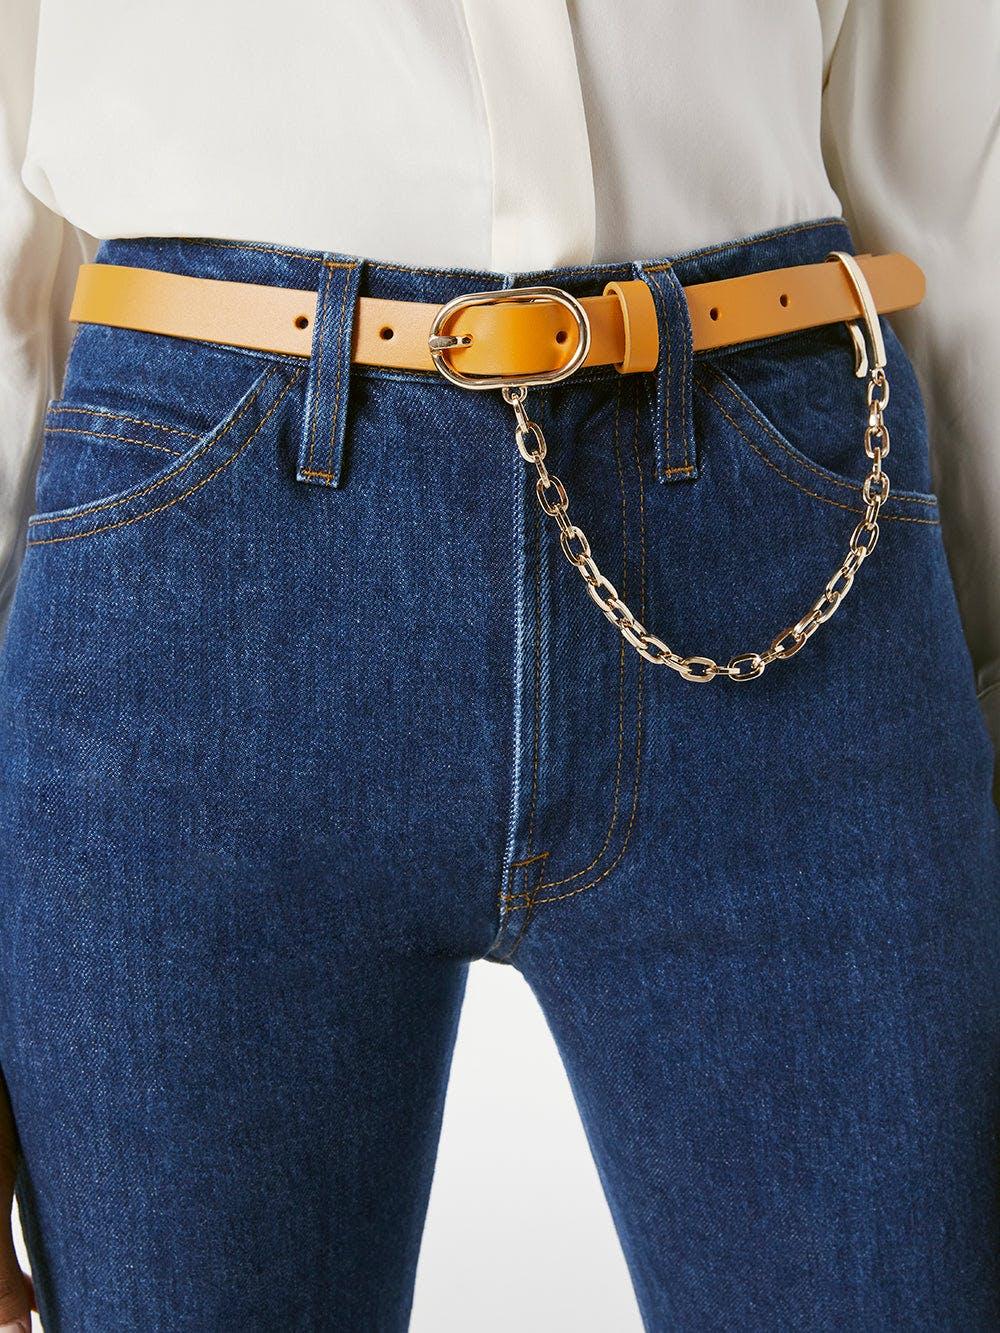 belt front view 2 alt:hover